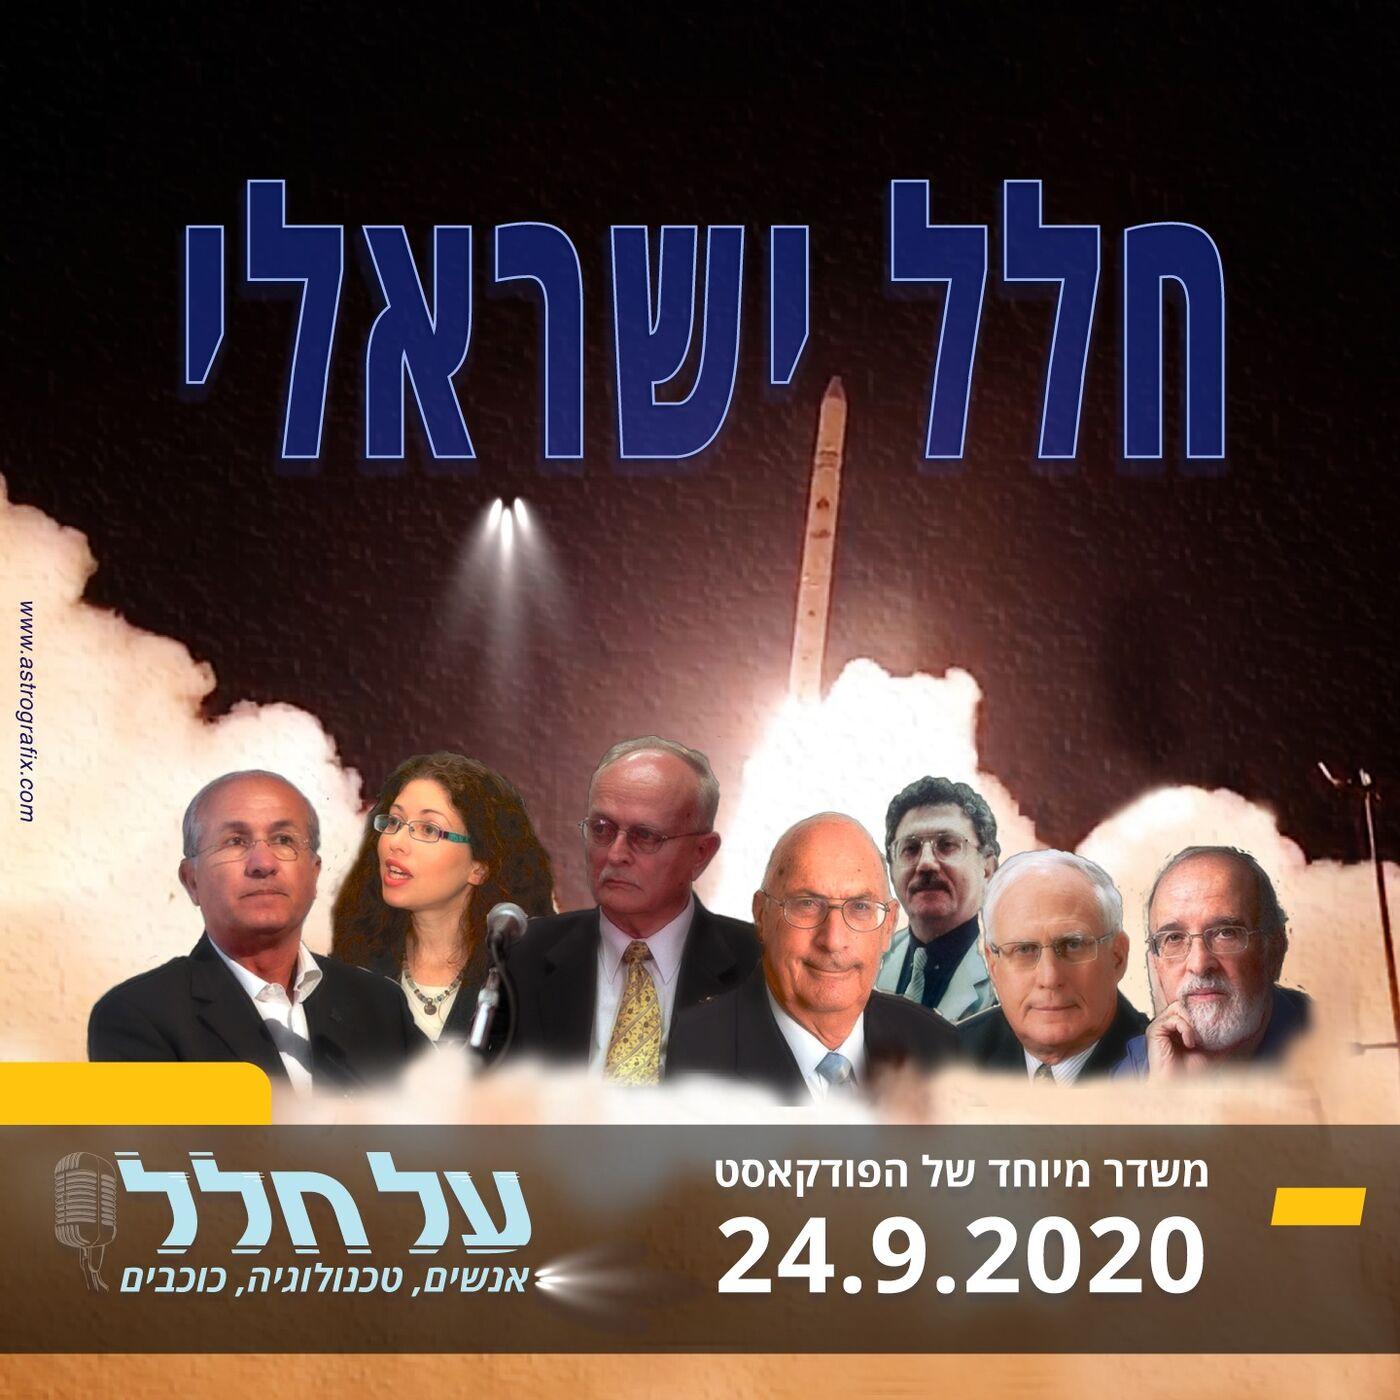 פרק 17 - פאנל מומחים - איך ישראל הפכה למעצמת חלל